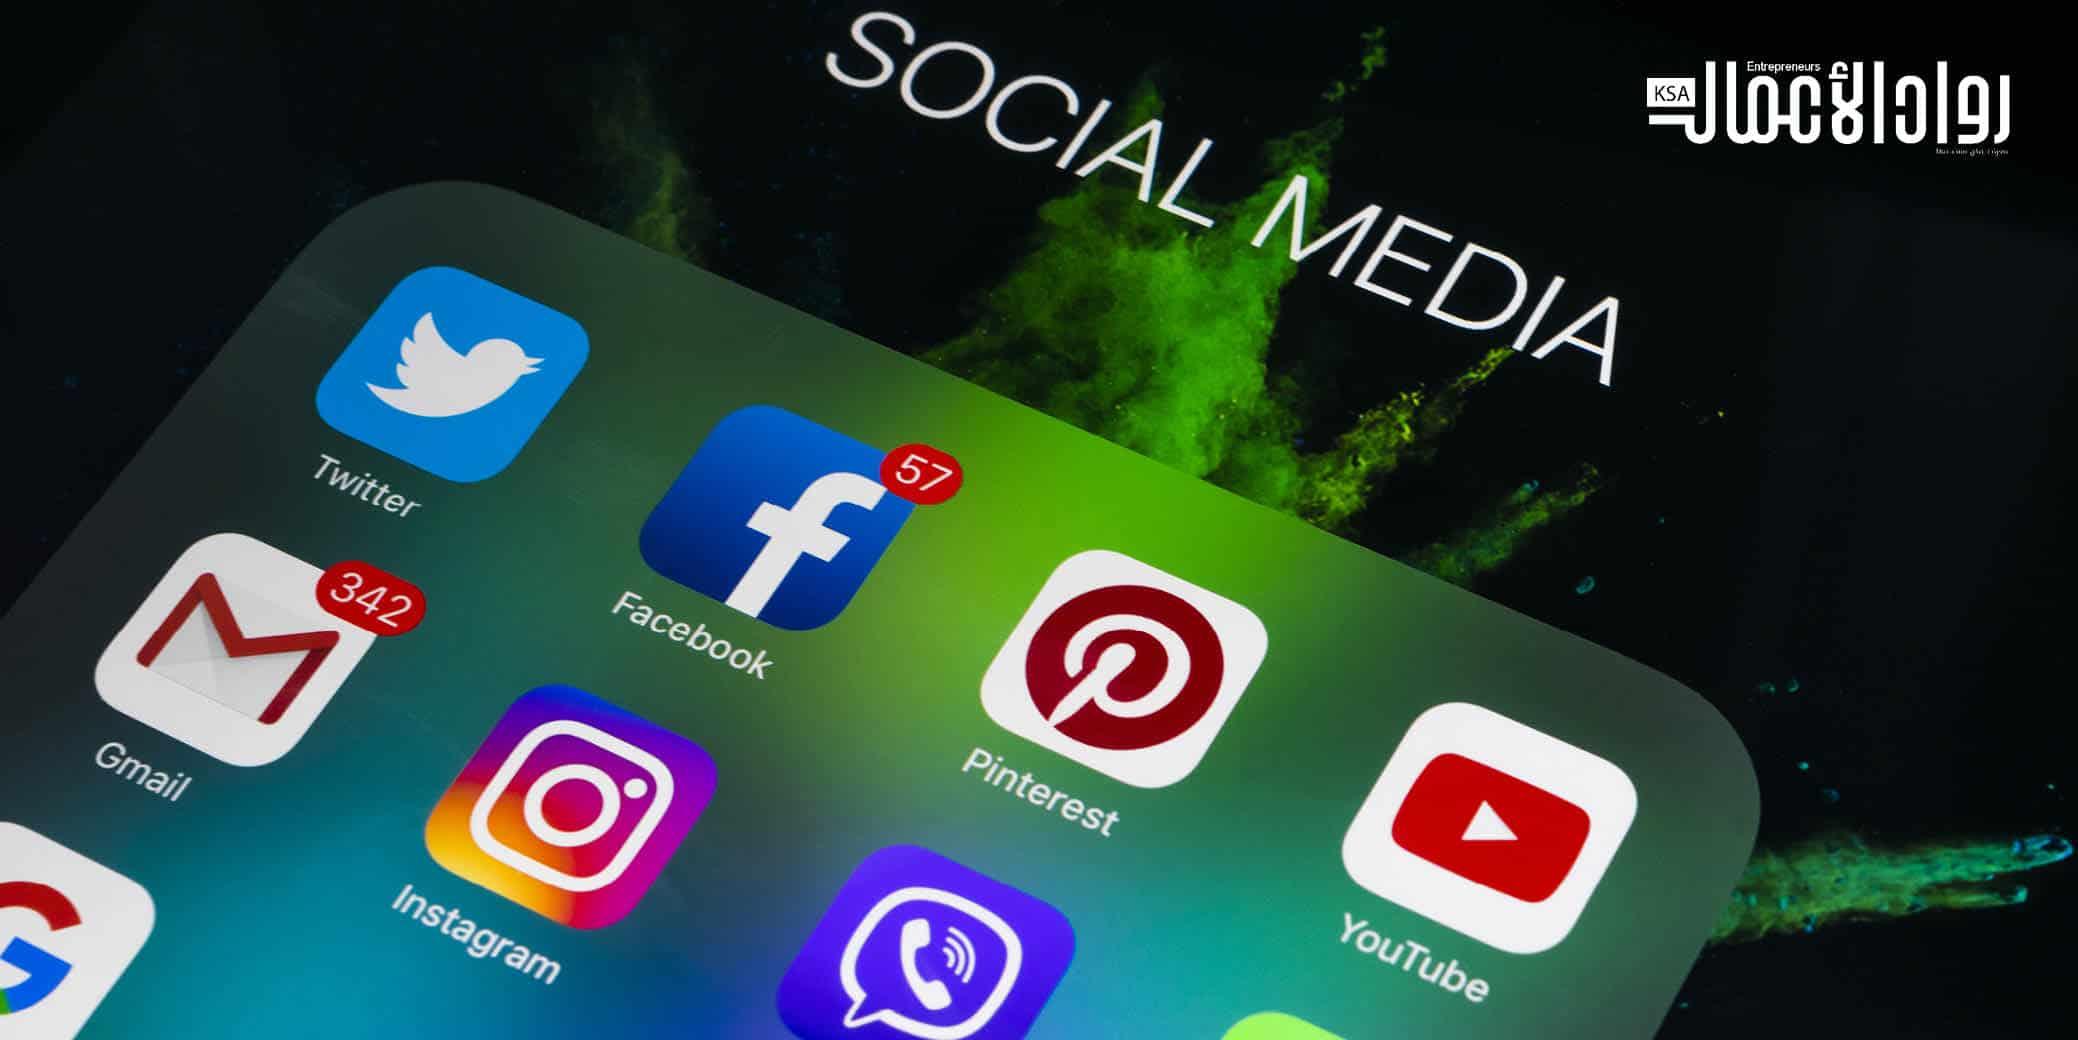 ما هي أهمية مواقع التواصل الاجتماعي؟